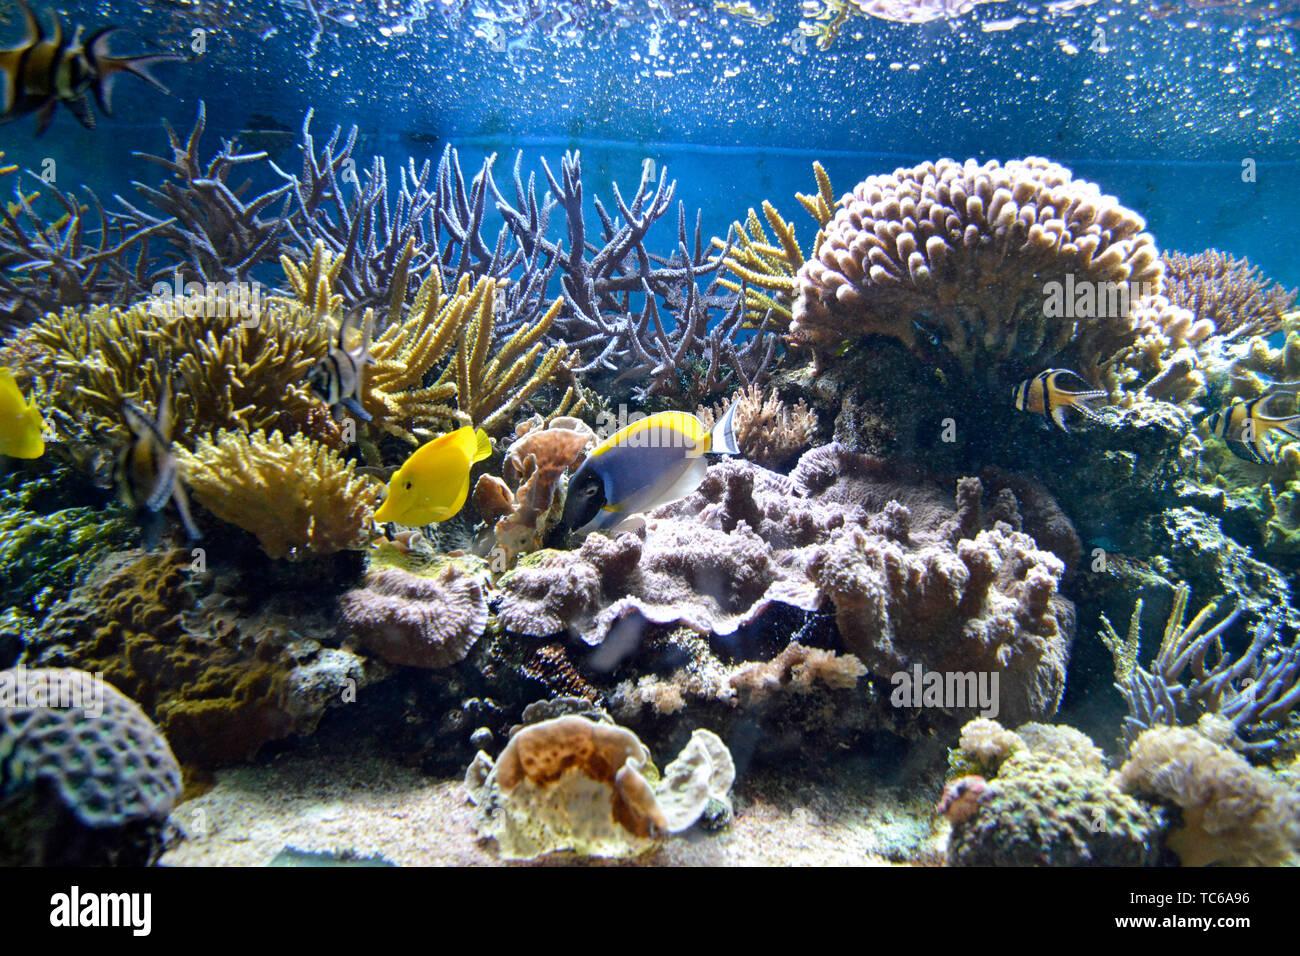 Colorati pesci marini nuotare tra i coralli in London Zoo Acquario, ZSL London Zoo di Londra, Regno Unito Immagini Stock